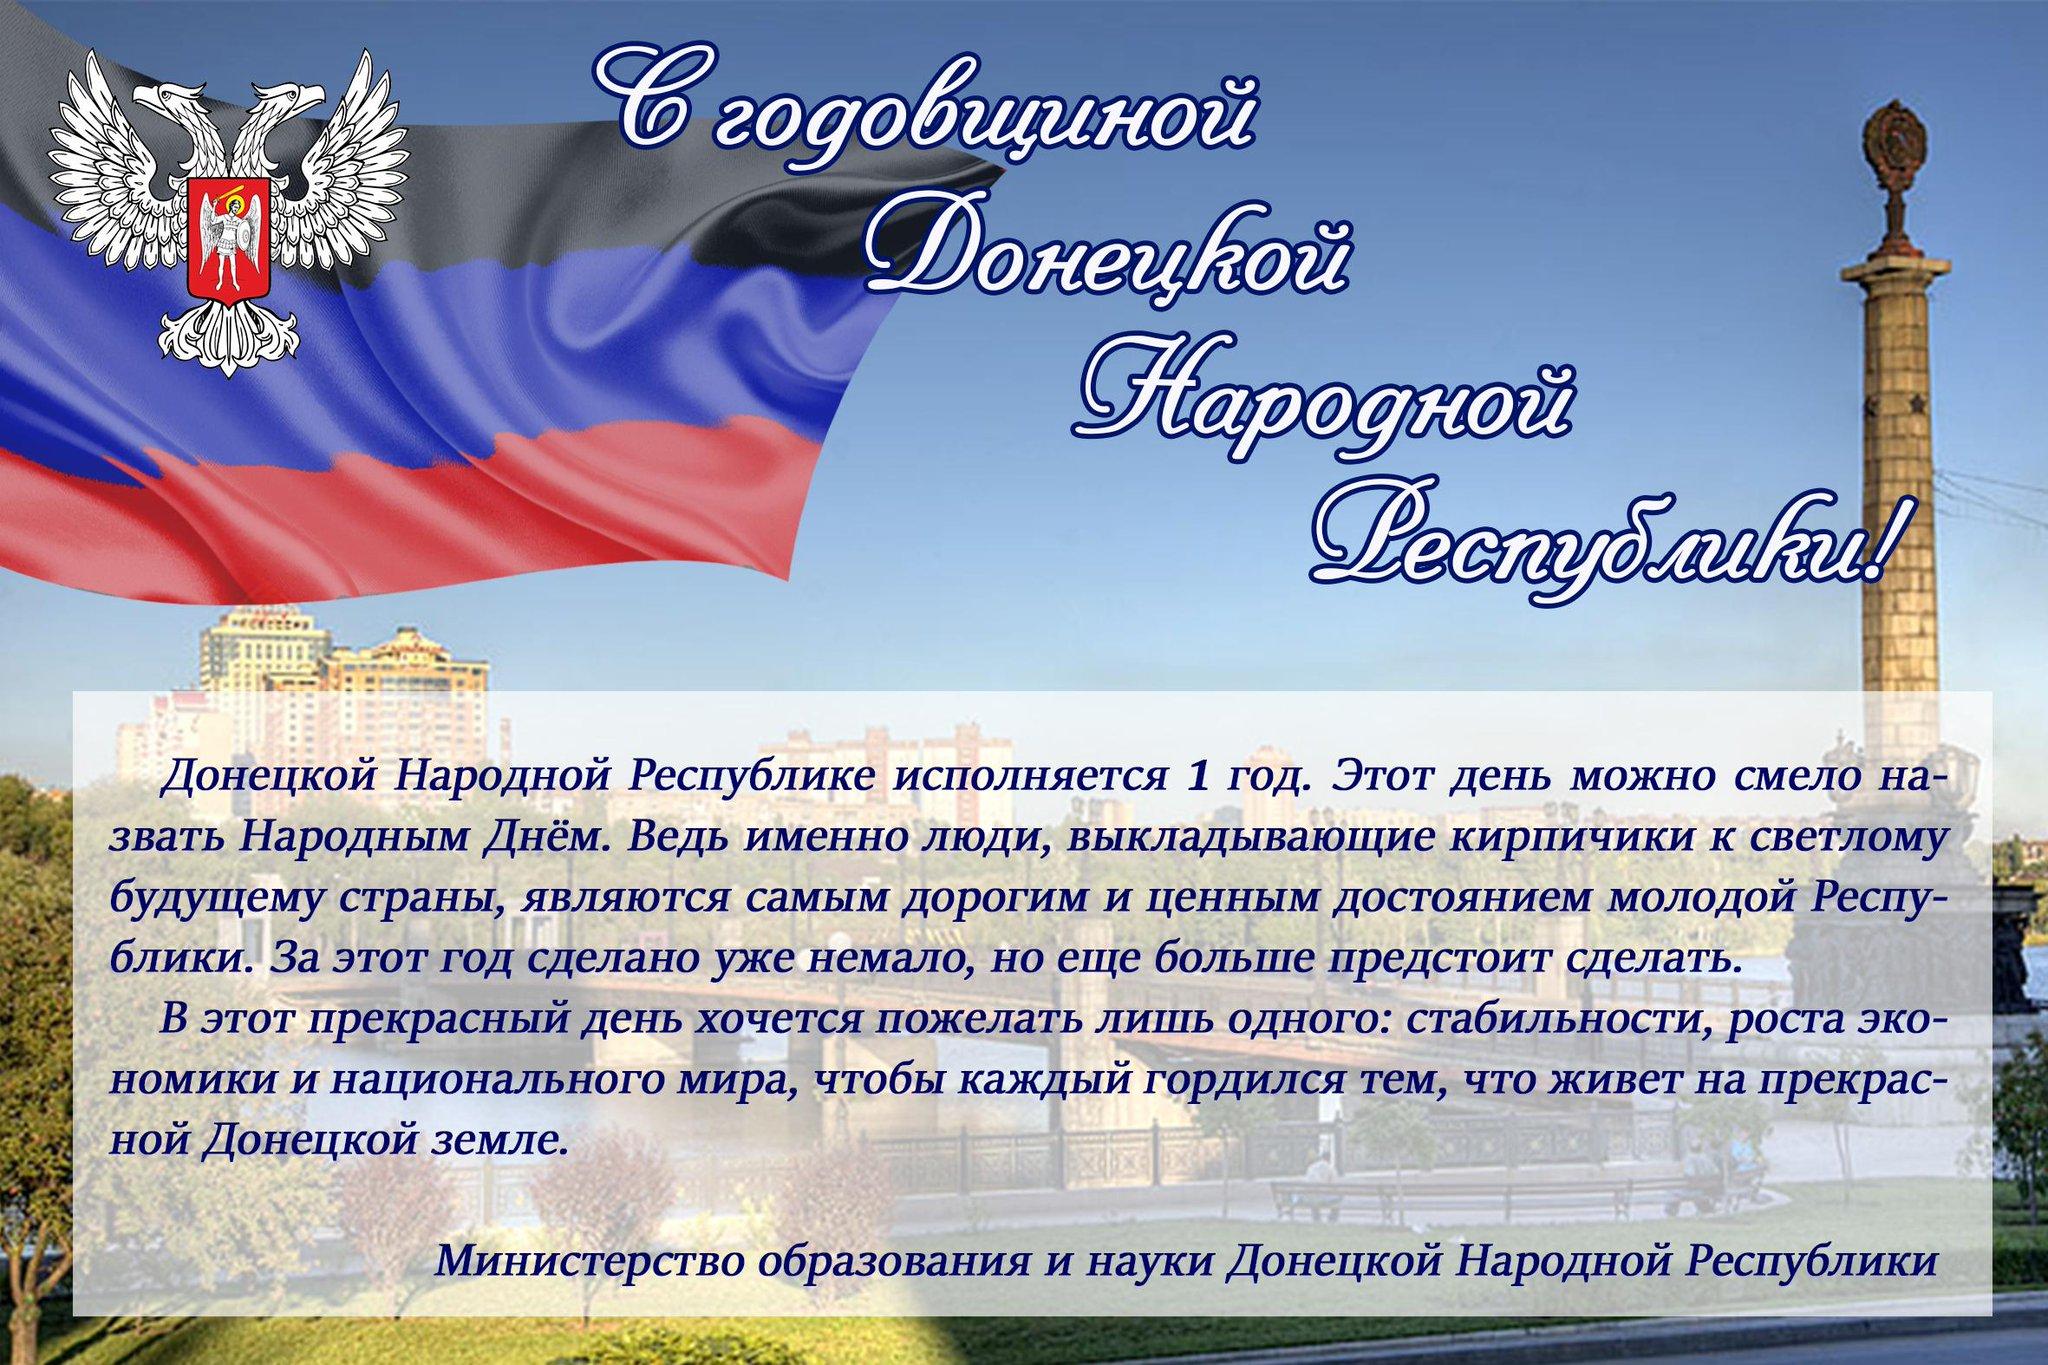 Днем рождения, открытка ко дню республики днр